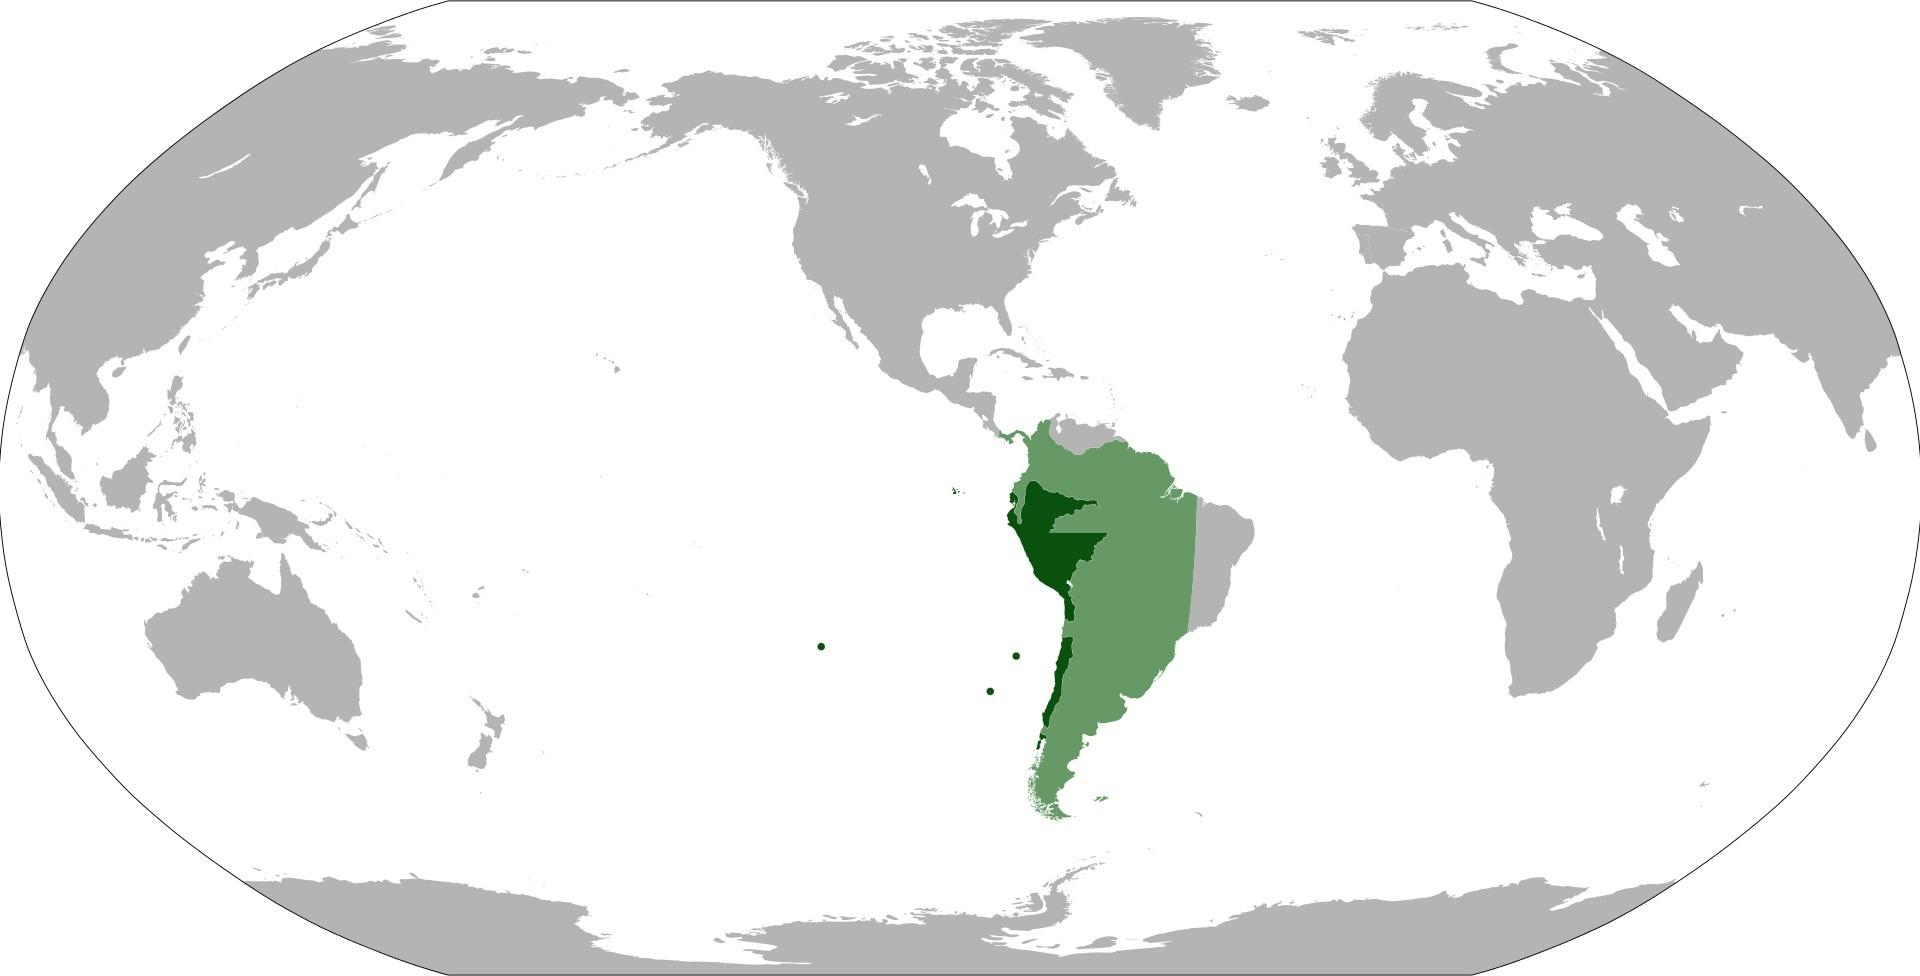 ペルー副王領の位置:1542-1718の領土(薄緑、濃緑)、1718-1824年の領土(濃緑)